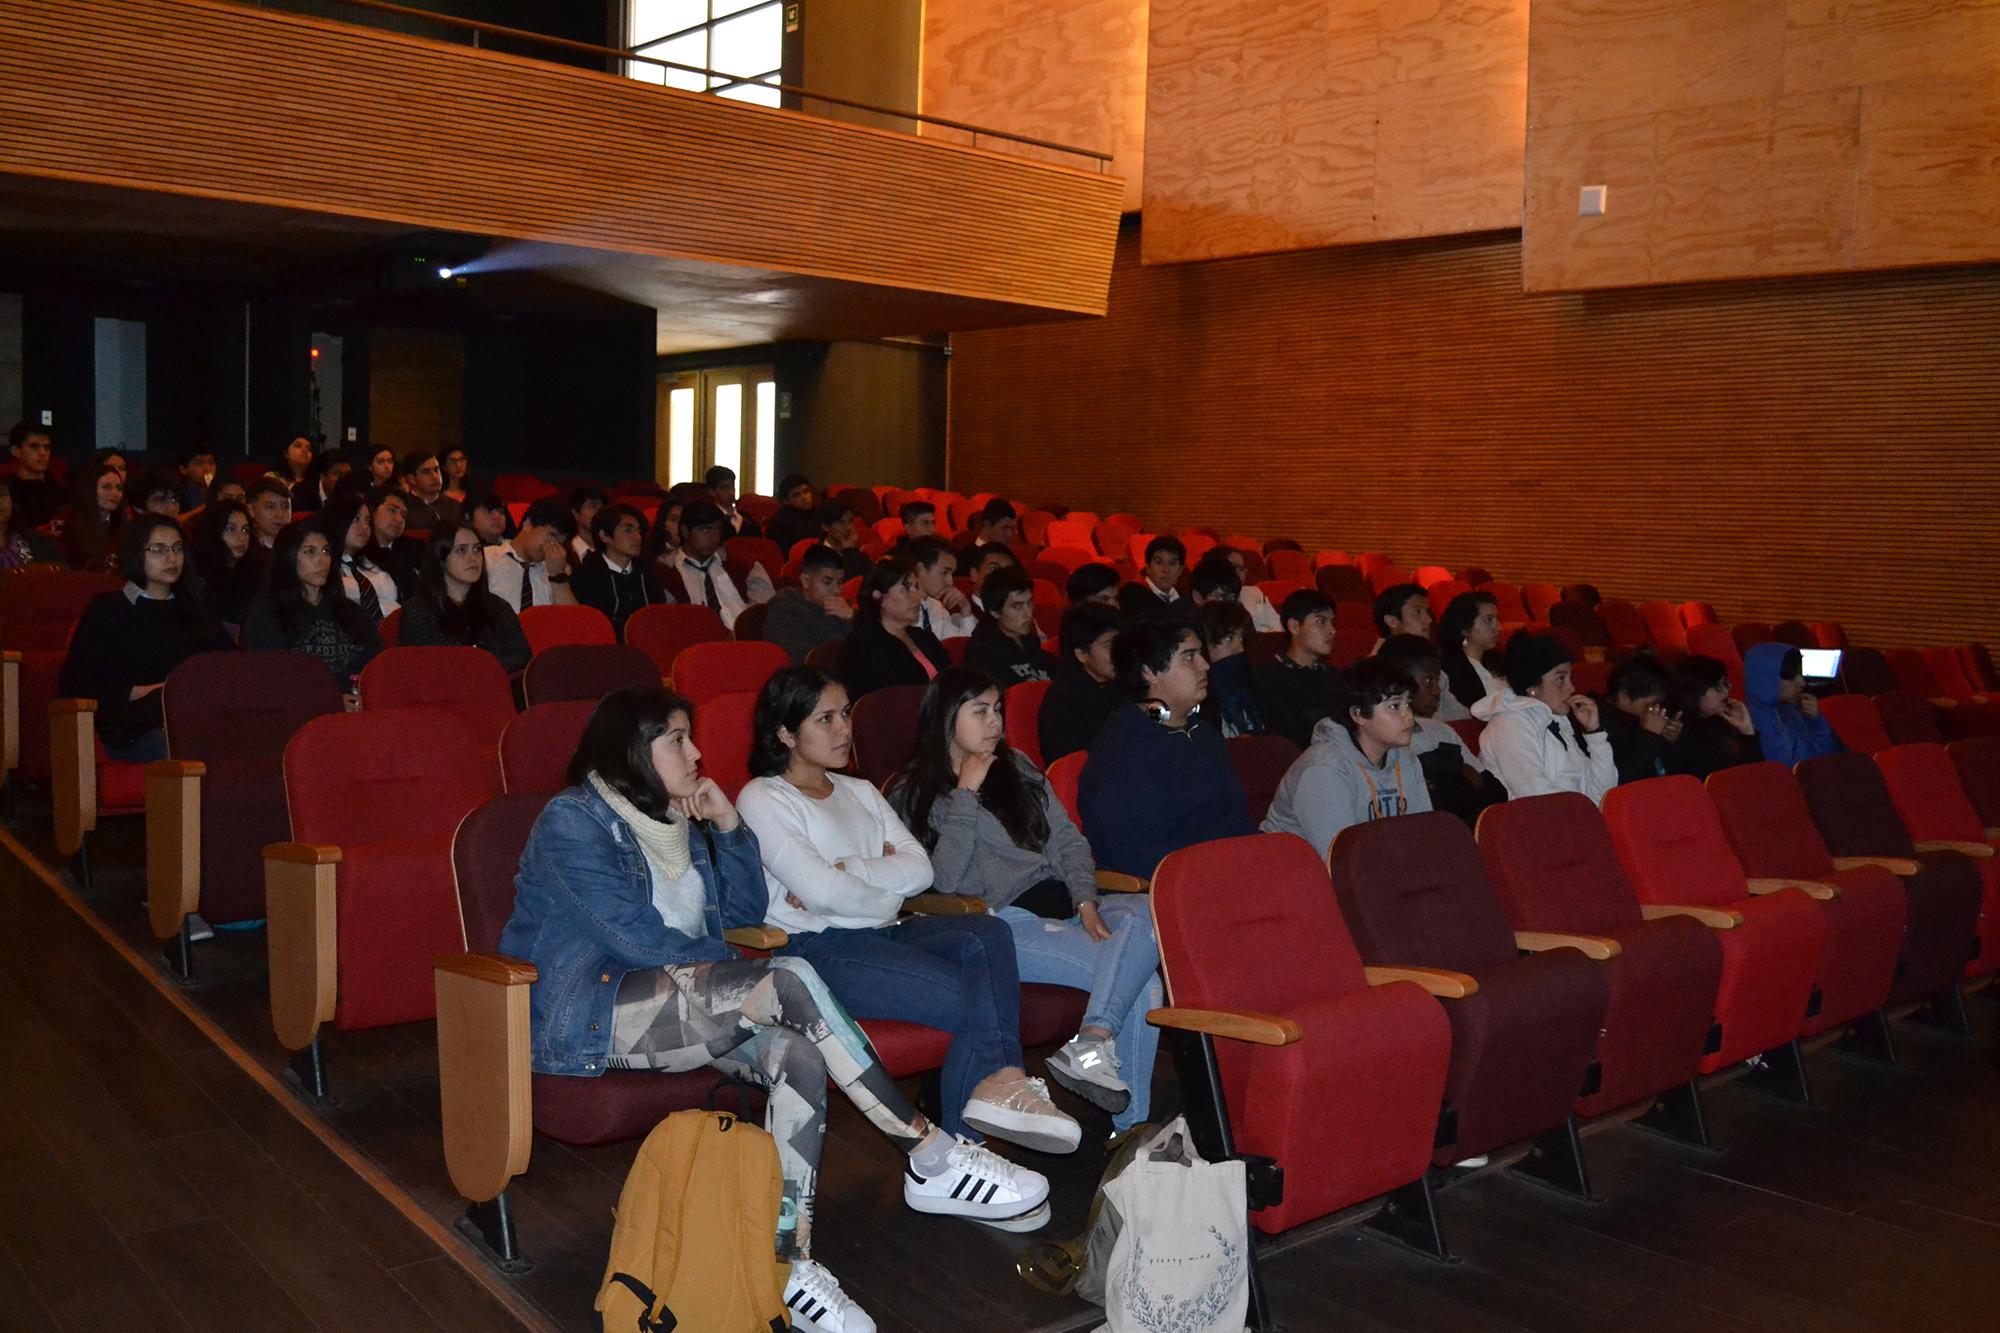 Pace Usm Realiza Charla Motivacional Con Estudiante Chilena